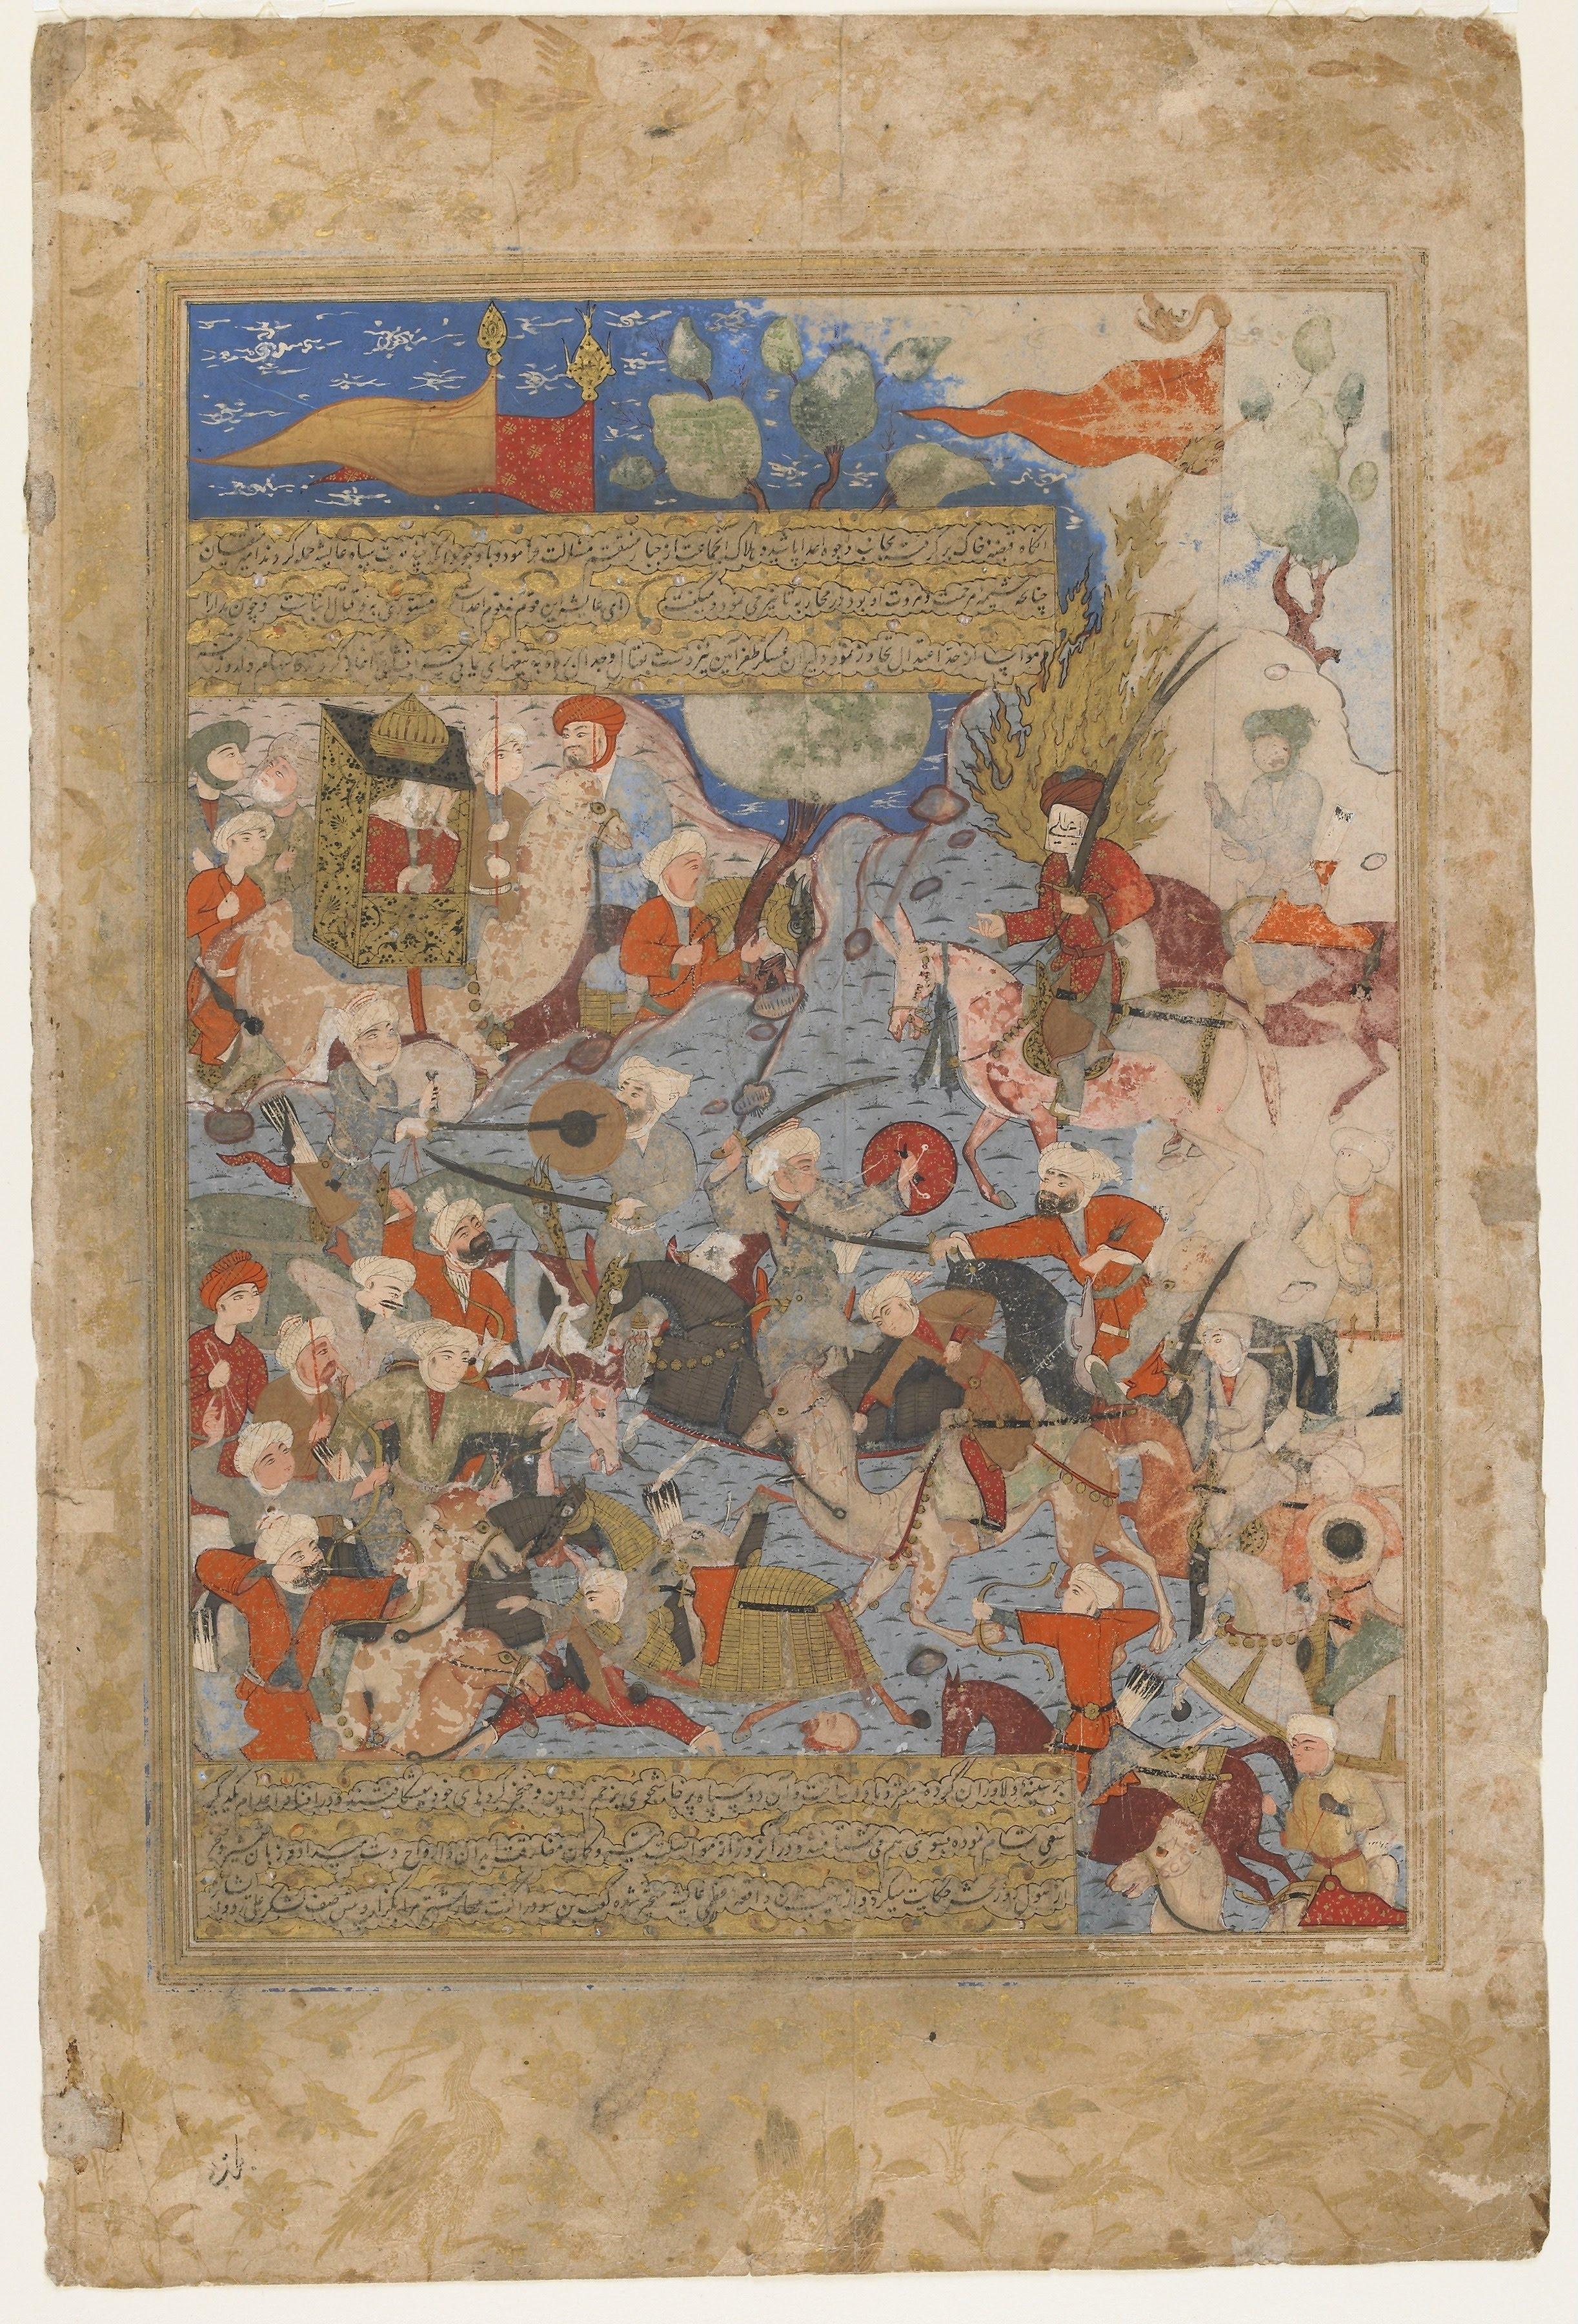 Bătălia Cămilei - Wikipedia